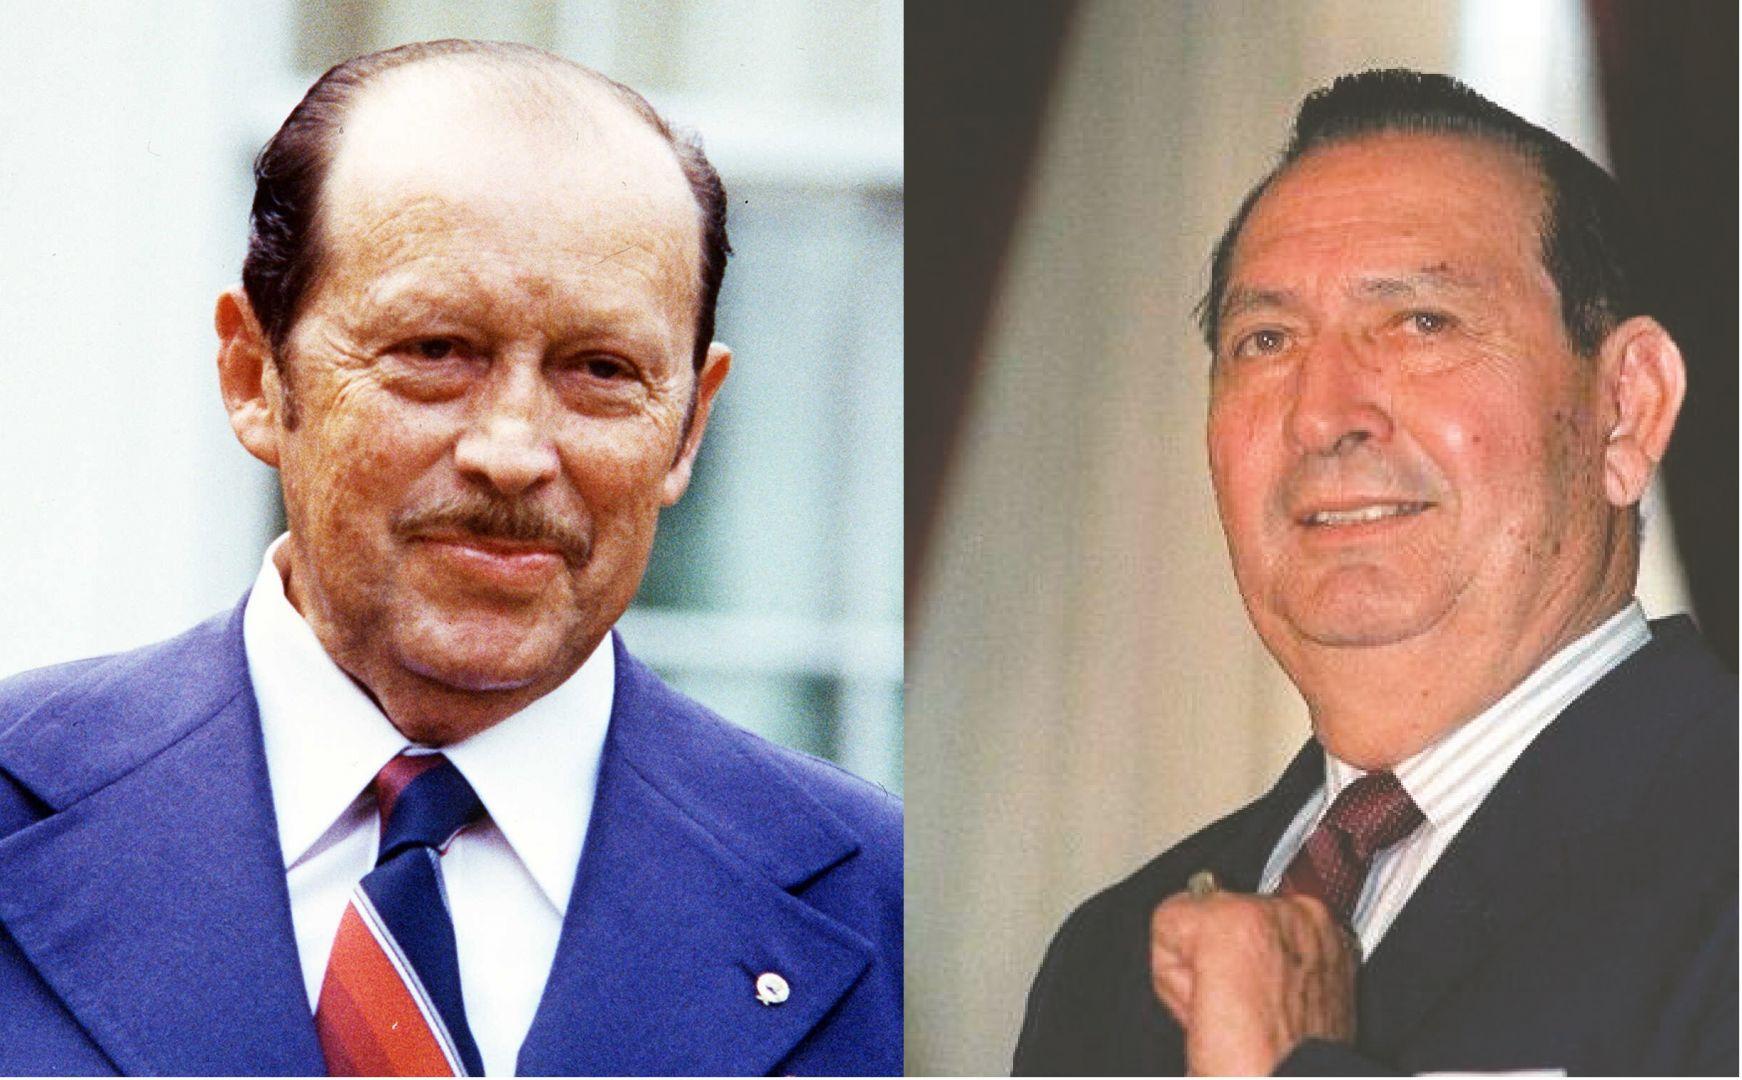 Stroessner y Rodriguez, los generales que abrieron las puertas de los grandes negocios a los amigos.